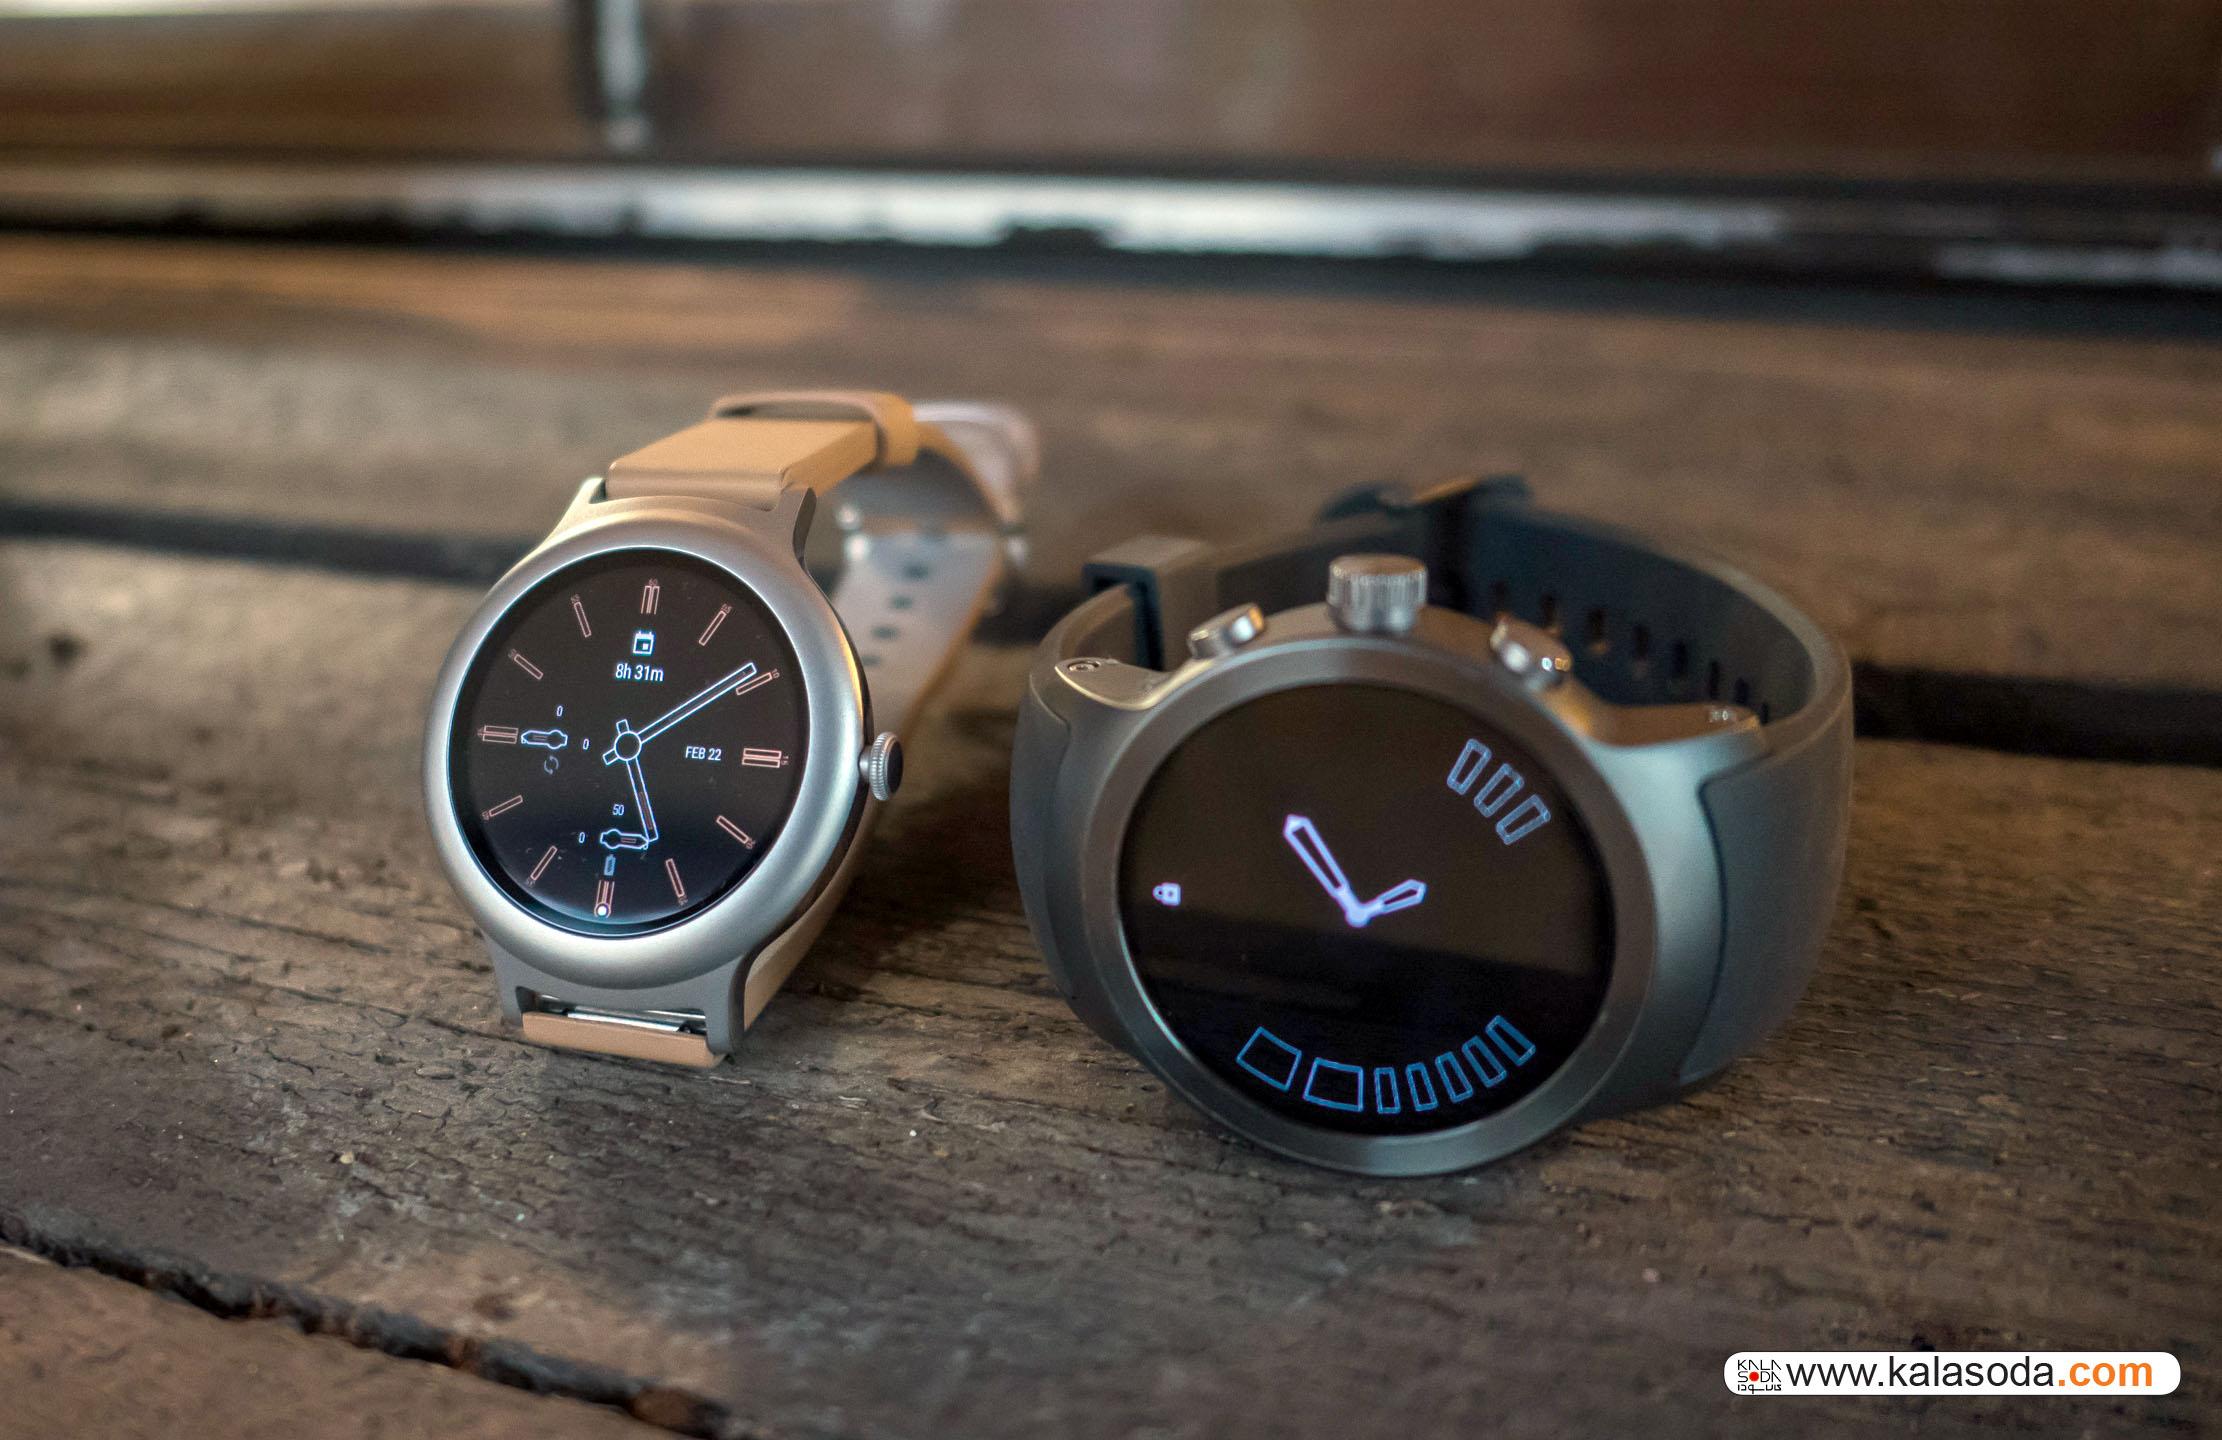 مشخصات ساعت جدید هوشمند LG|کالاسودا